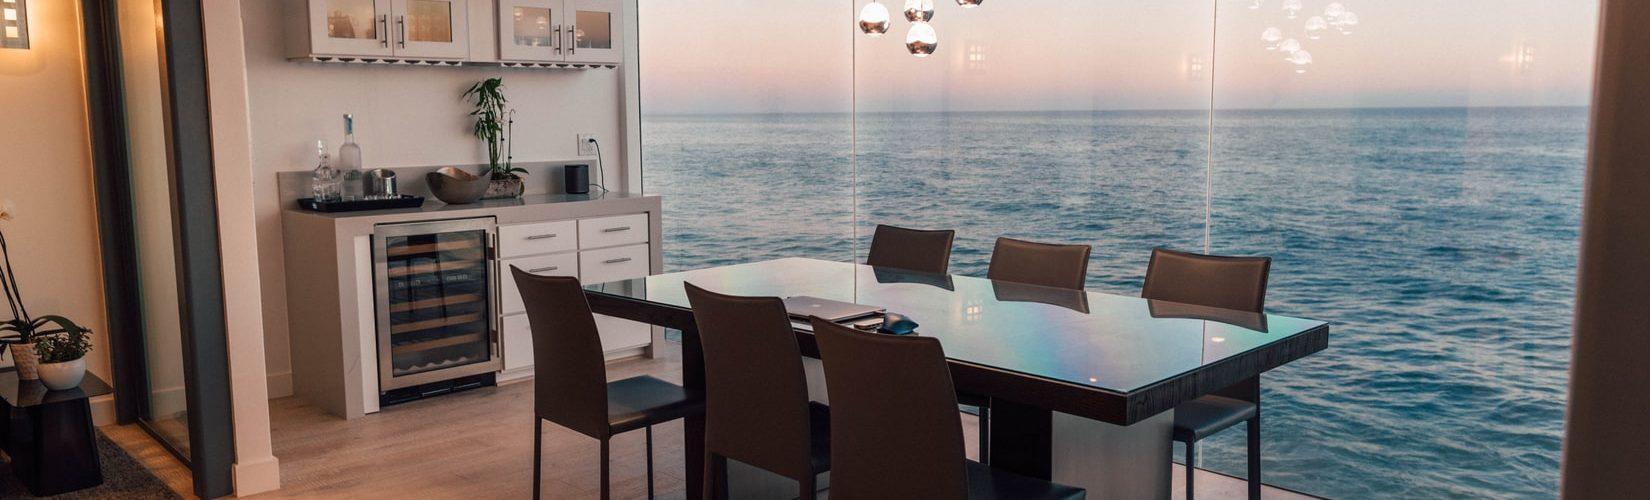 luxe-eetkamer-zeezicht